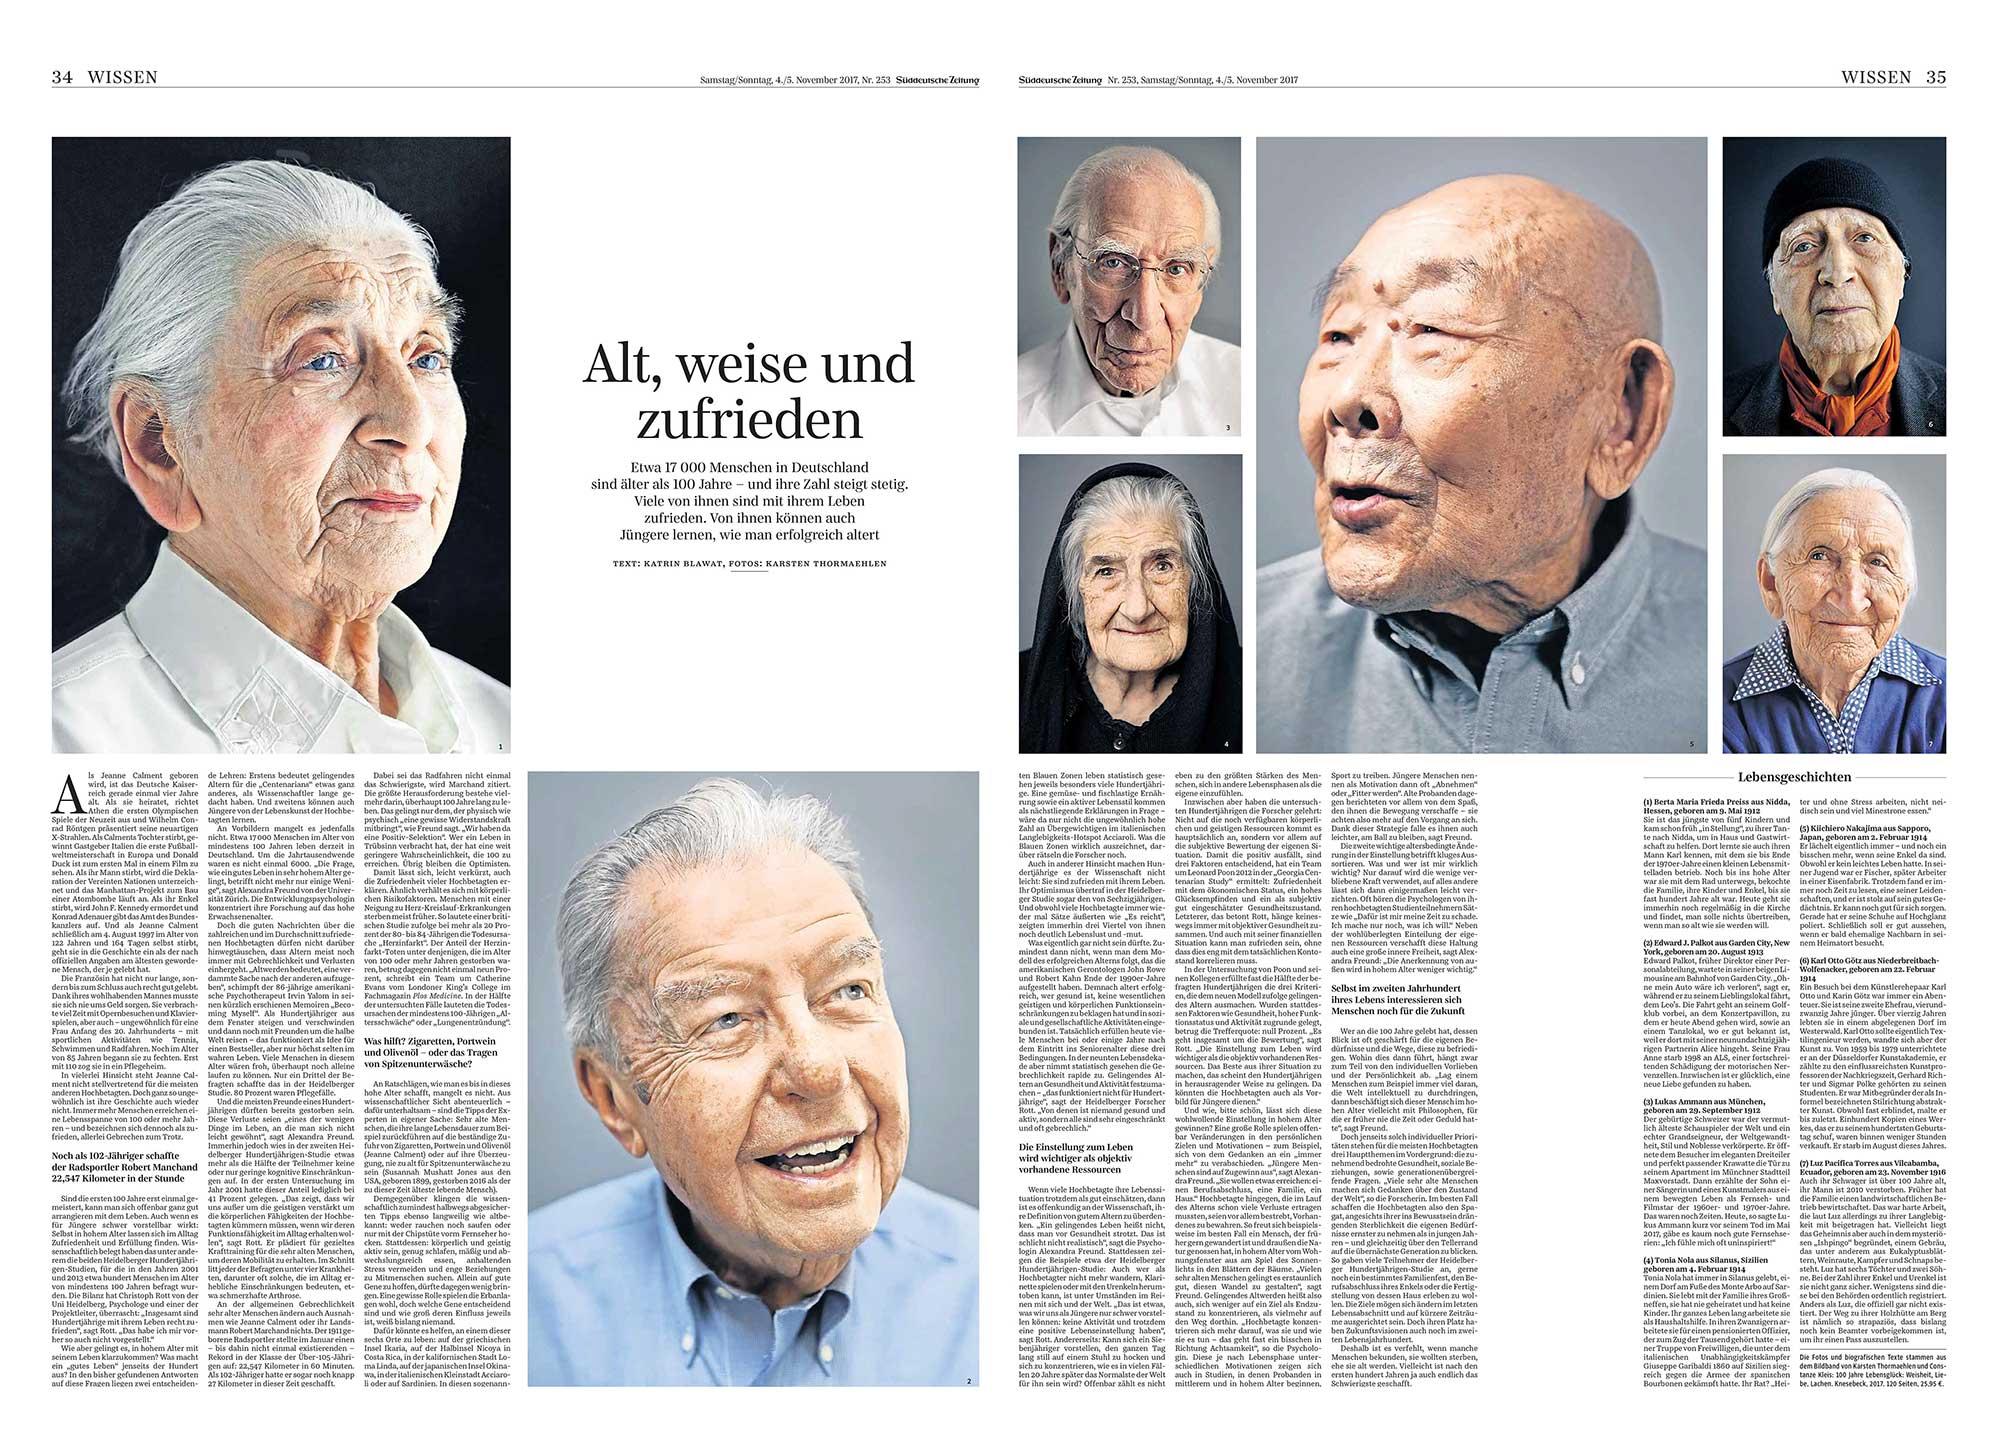 Süddeutsche Zeitung, Ausg. 253, 4./5. November 2017